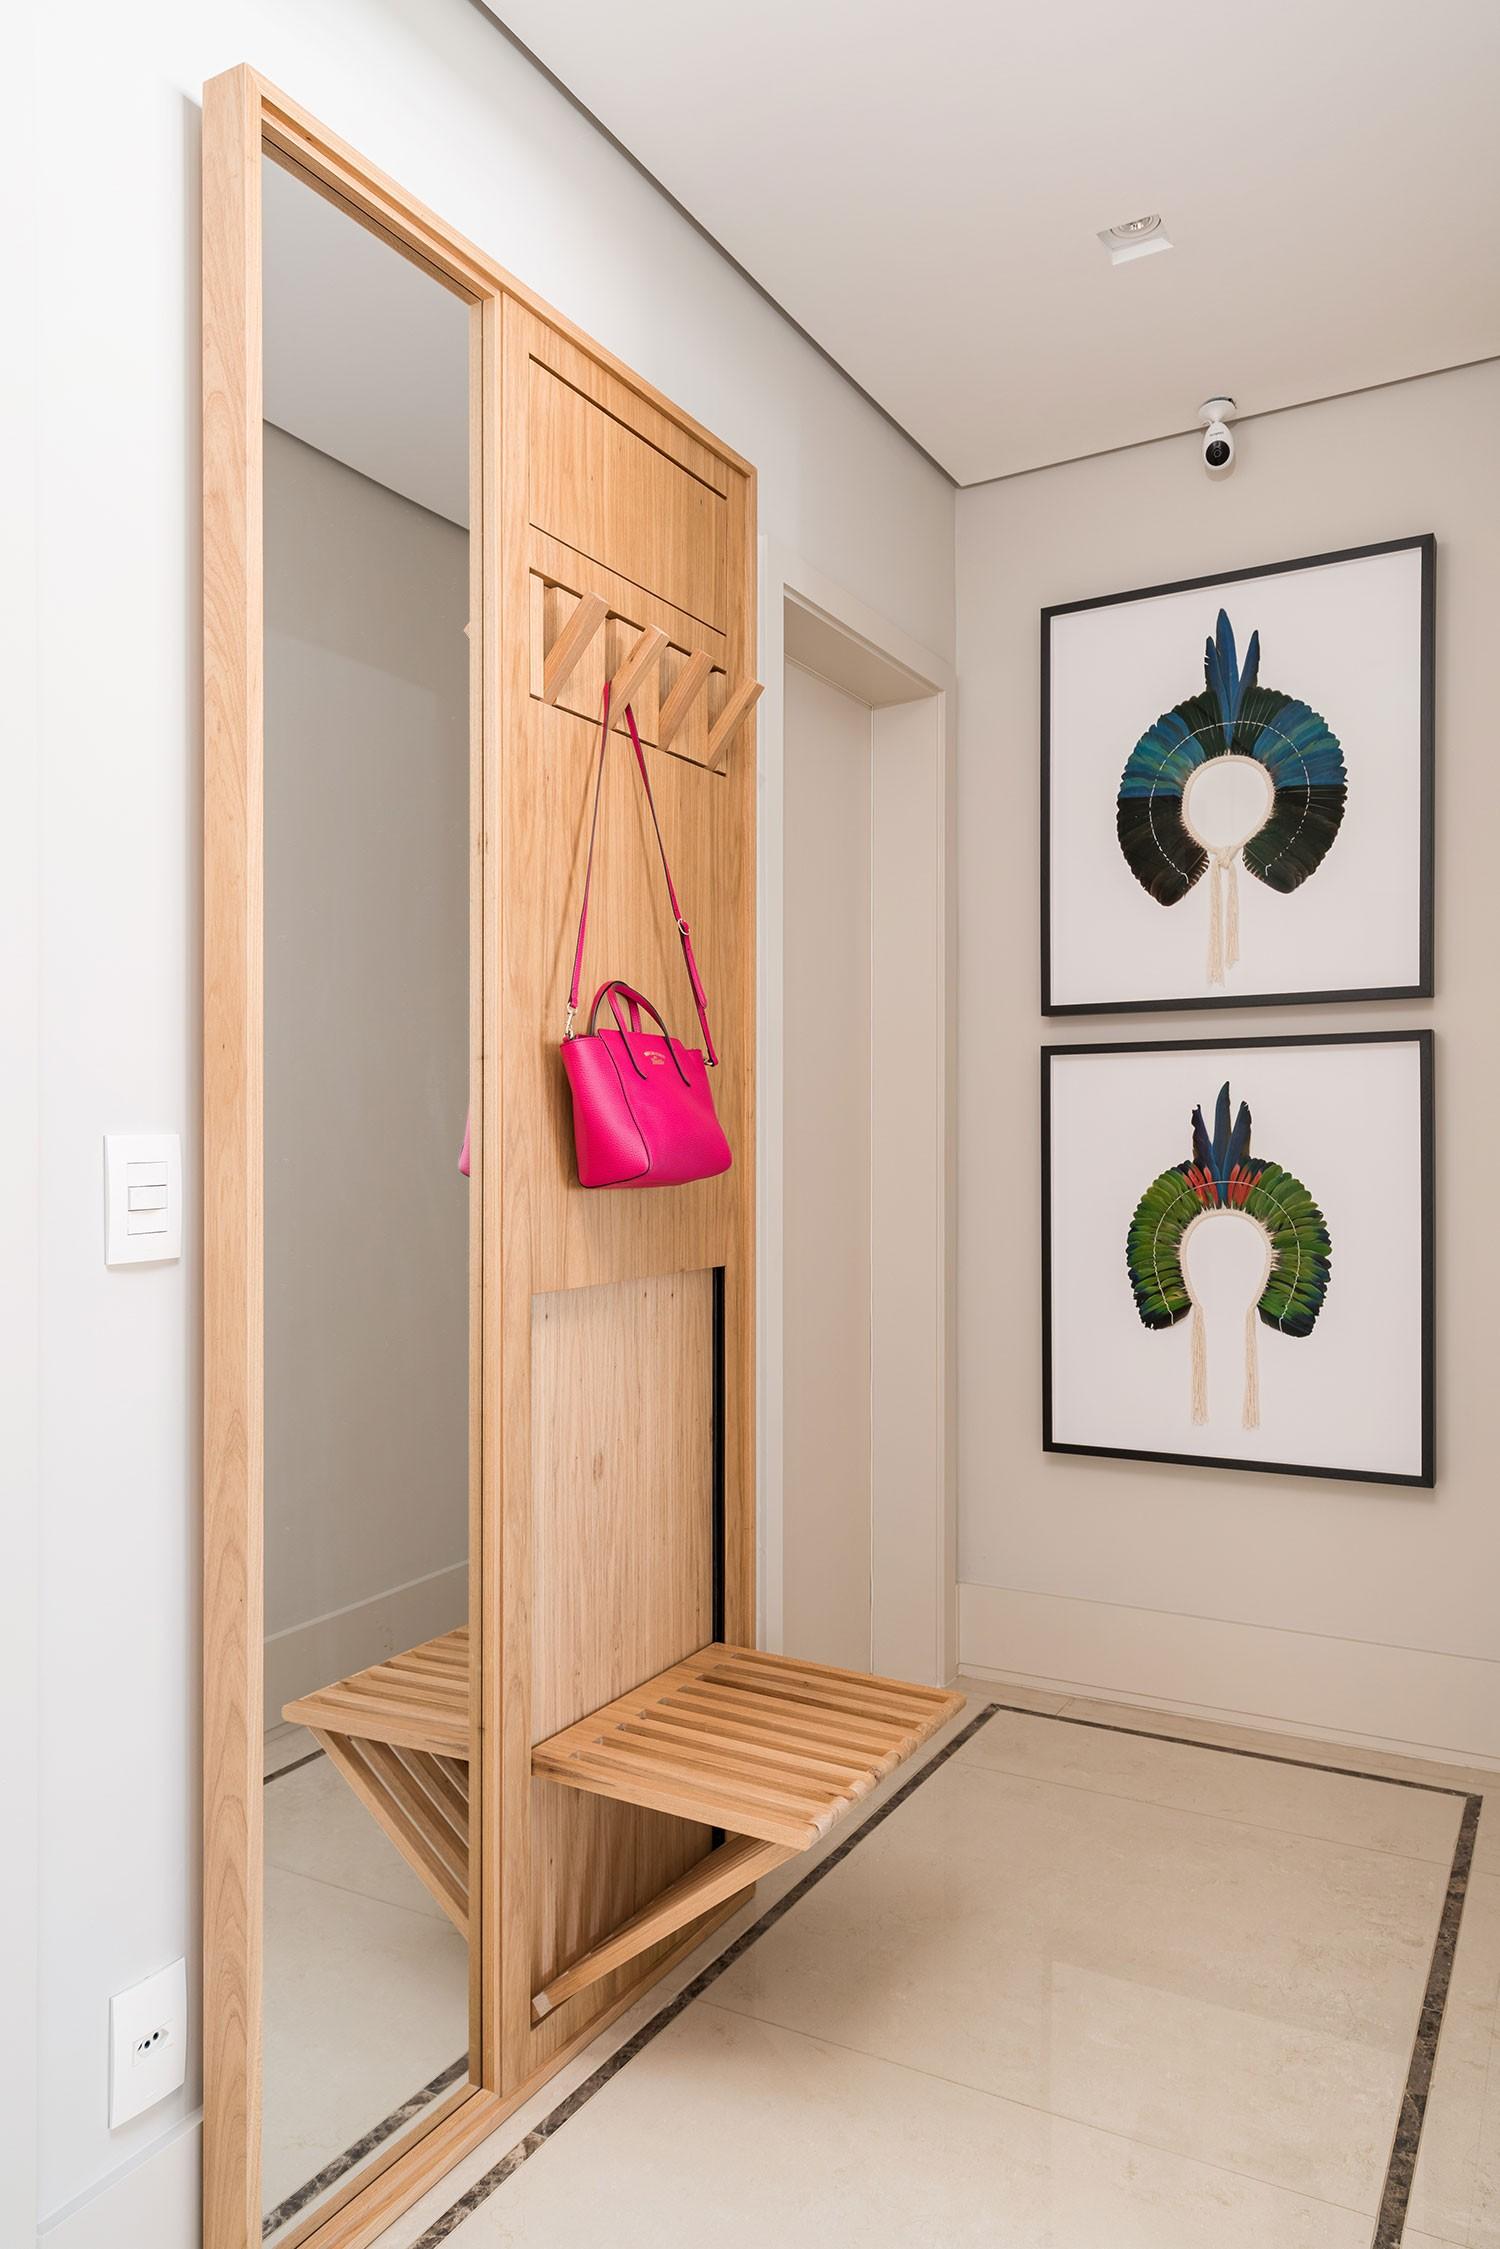 Hall de entrada con espejo: 5 ideas para rediseñar el espacio (Foto: Kadu Lopes)